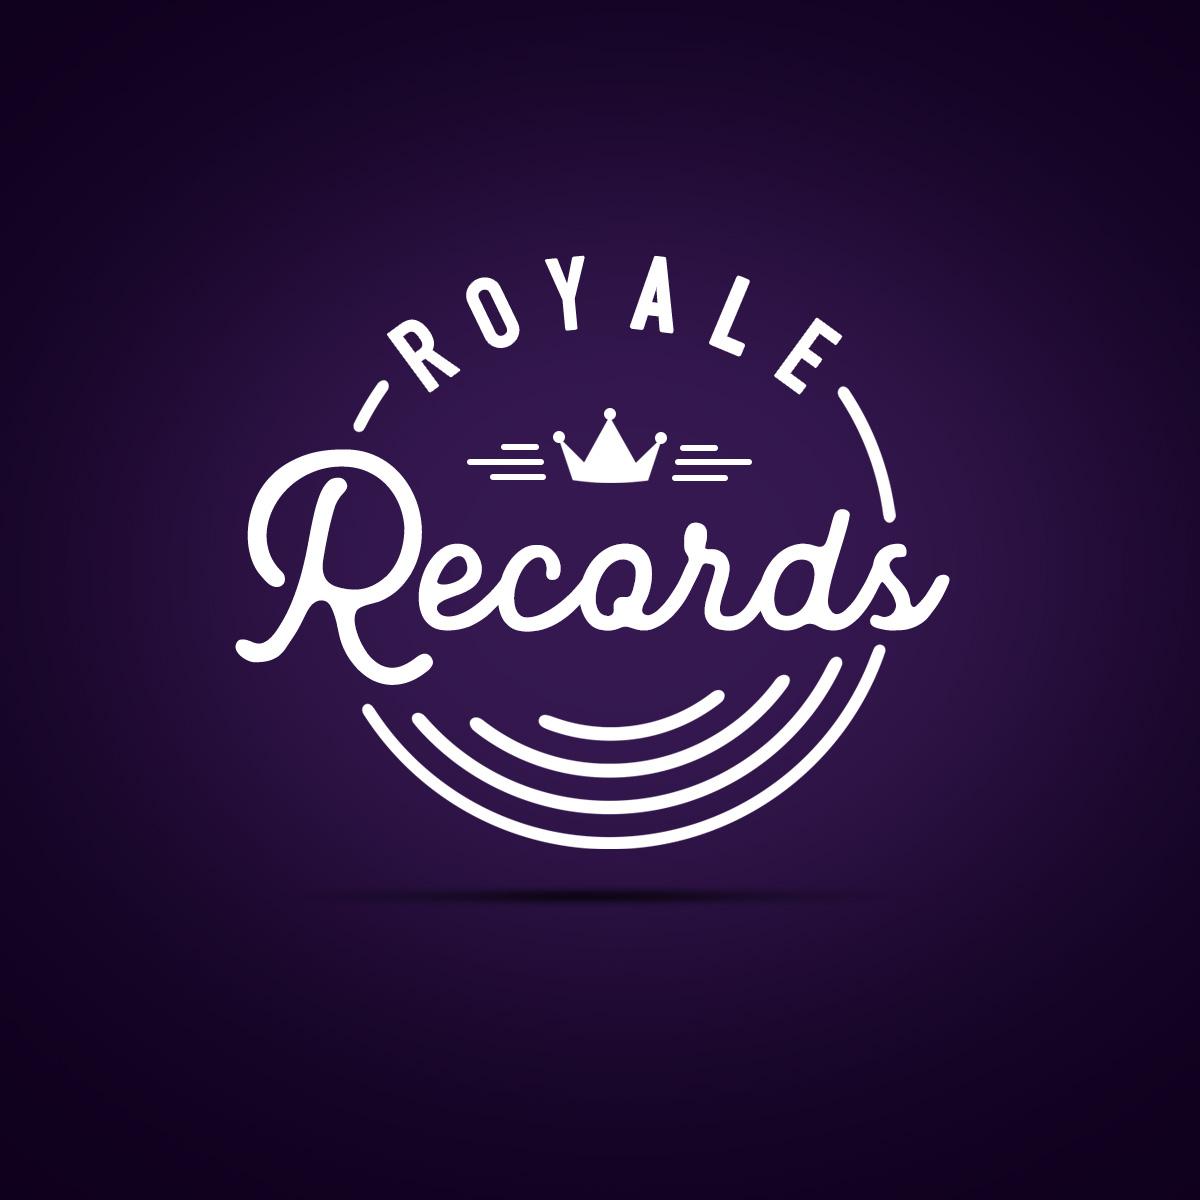 RoyaleRecords-LogoSQ.jpg